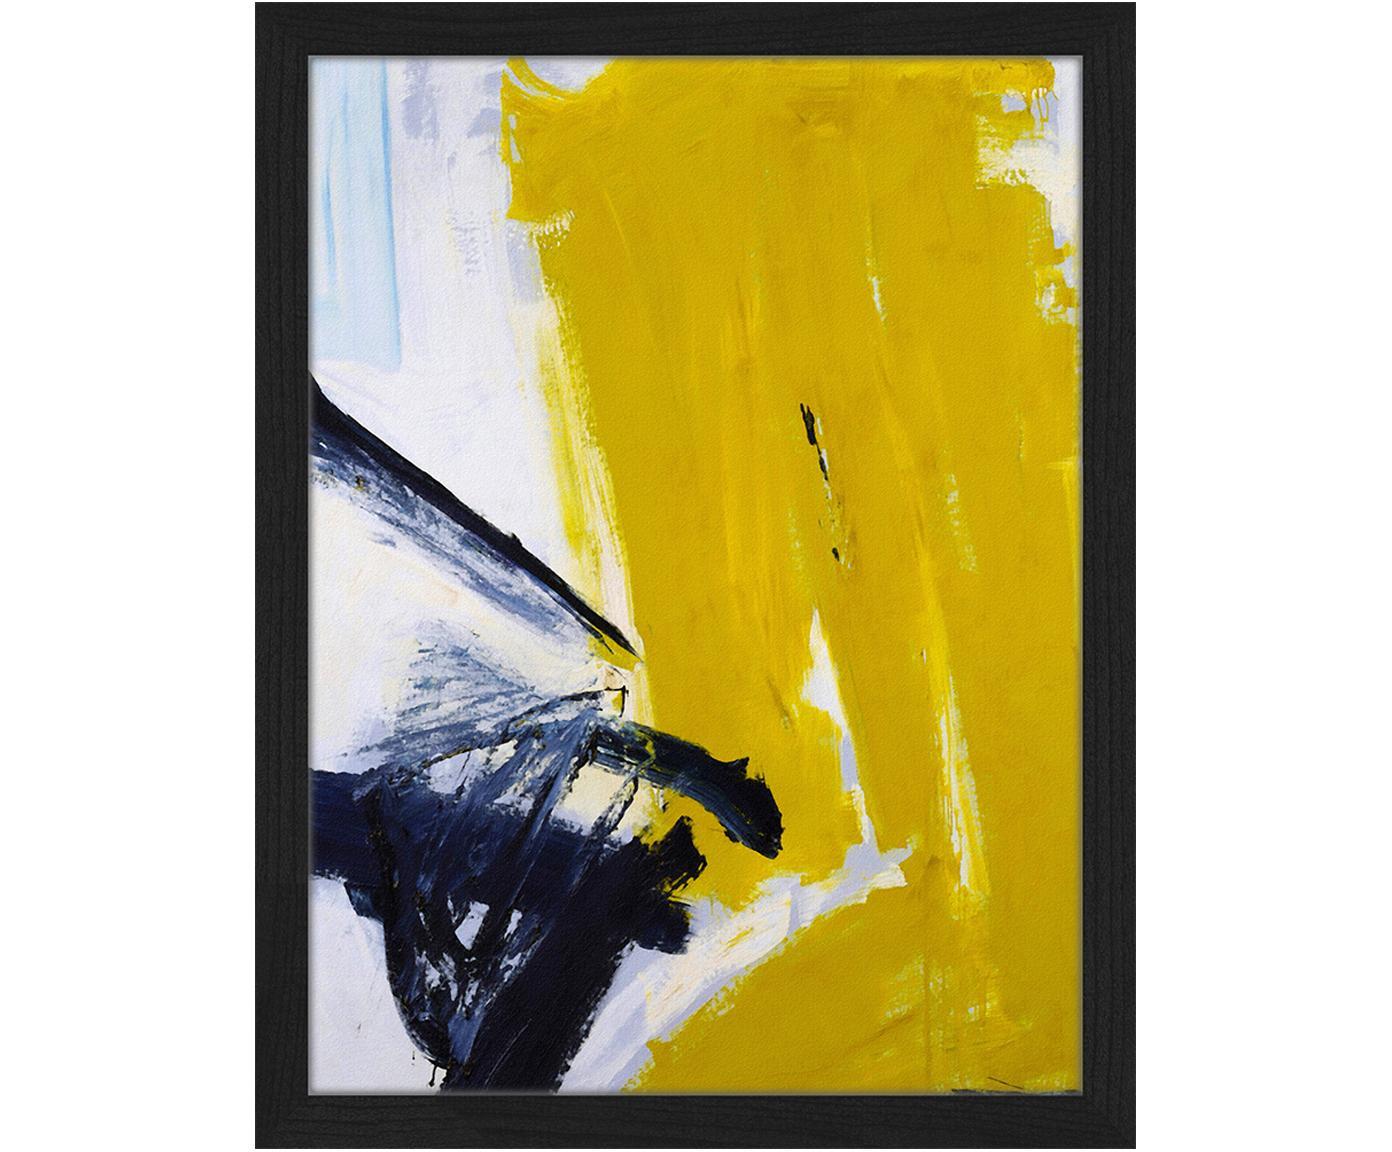 Ingelijste digitale print Abstract, Afbeelding: digitale print op papier,, Lijst: gelakt beukenhout, Zwart, wit, goudkleurig, 33 x 43 cm